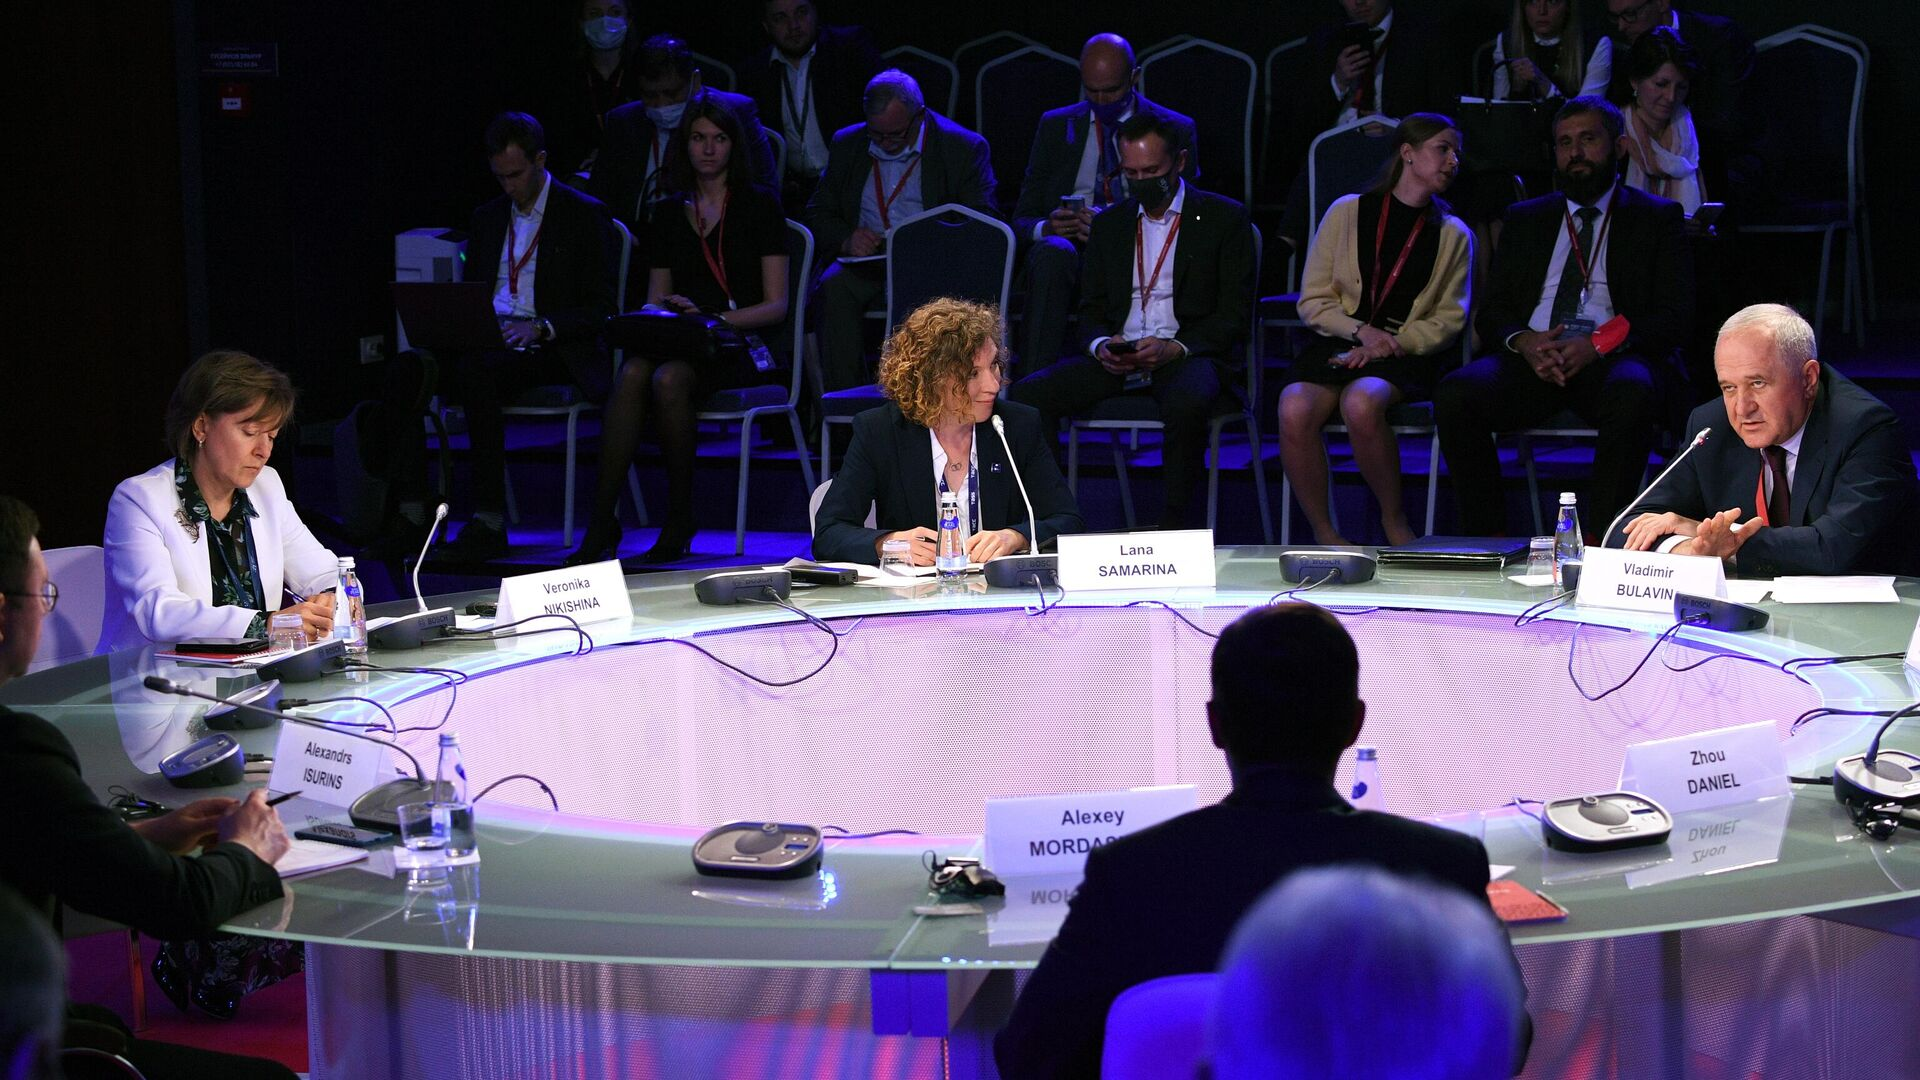 Панельная дискуссия Трансформация мировой торговли. Эффективность государственного регулирования в рамках ПМЭФ-2021 - РИА Новости, 1920, 03.06.2021